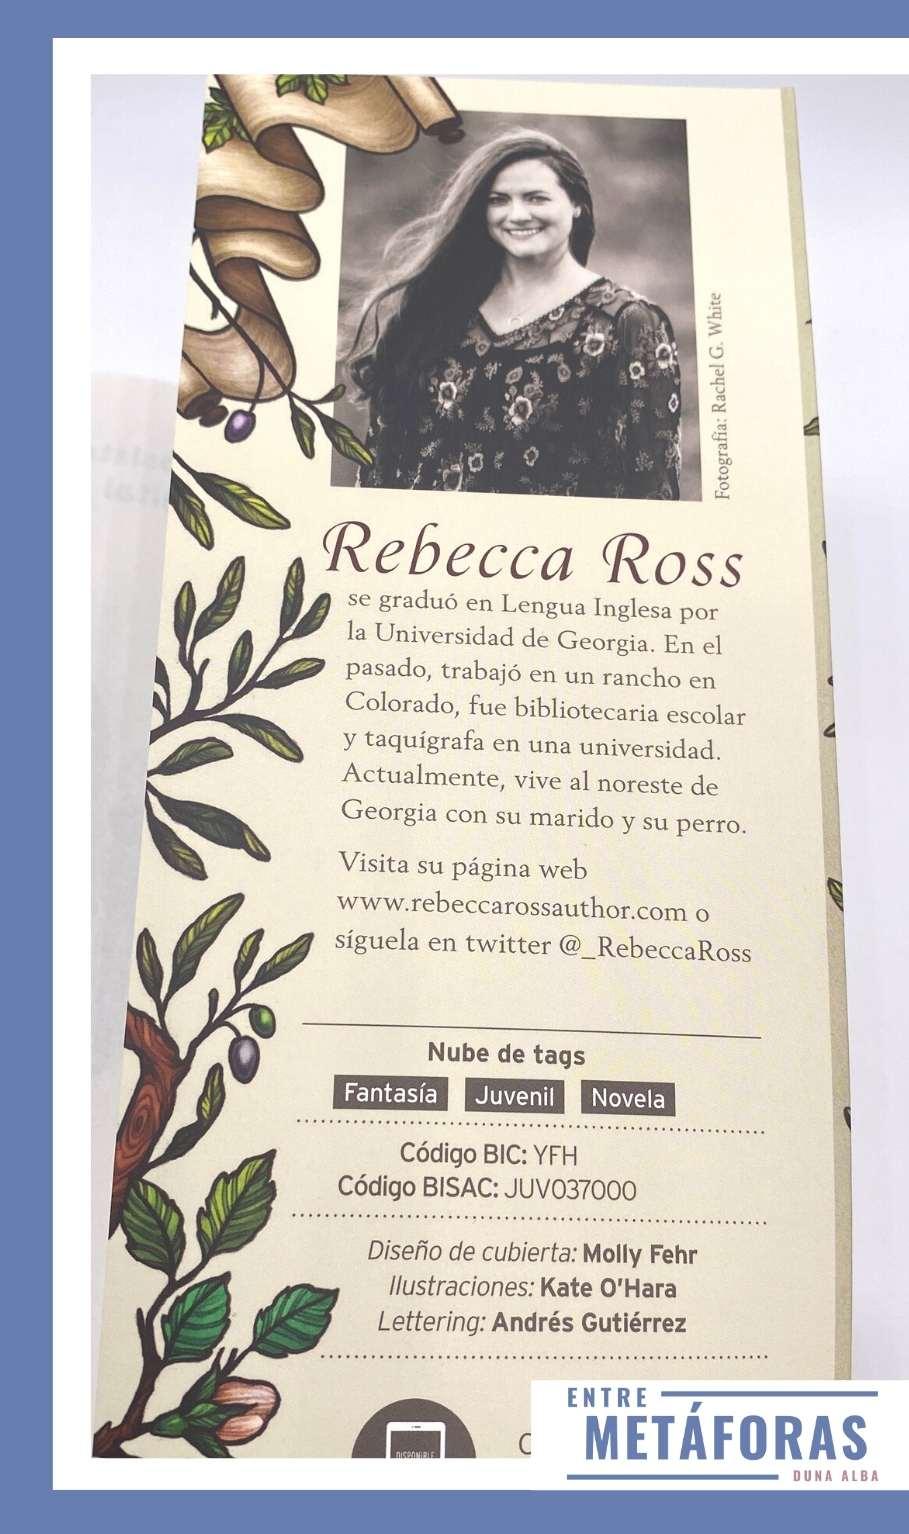 La canción de las hermanas, de Rebecca Ross